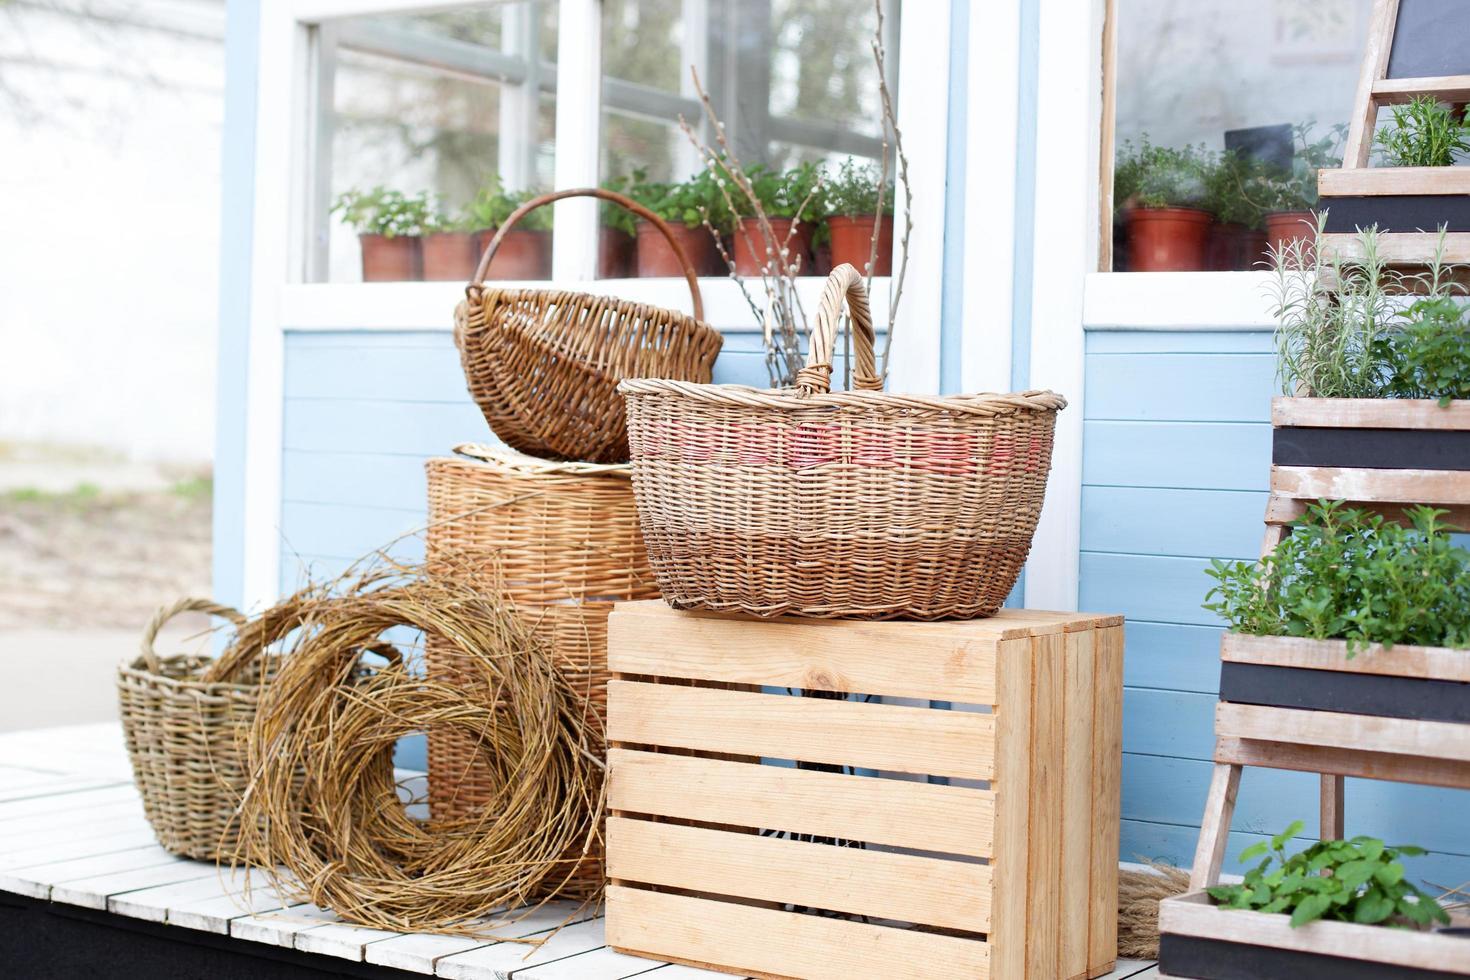 Weidenkörbe sitzen auf der Veranda eines blauen Landhauses foto